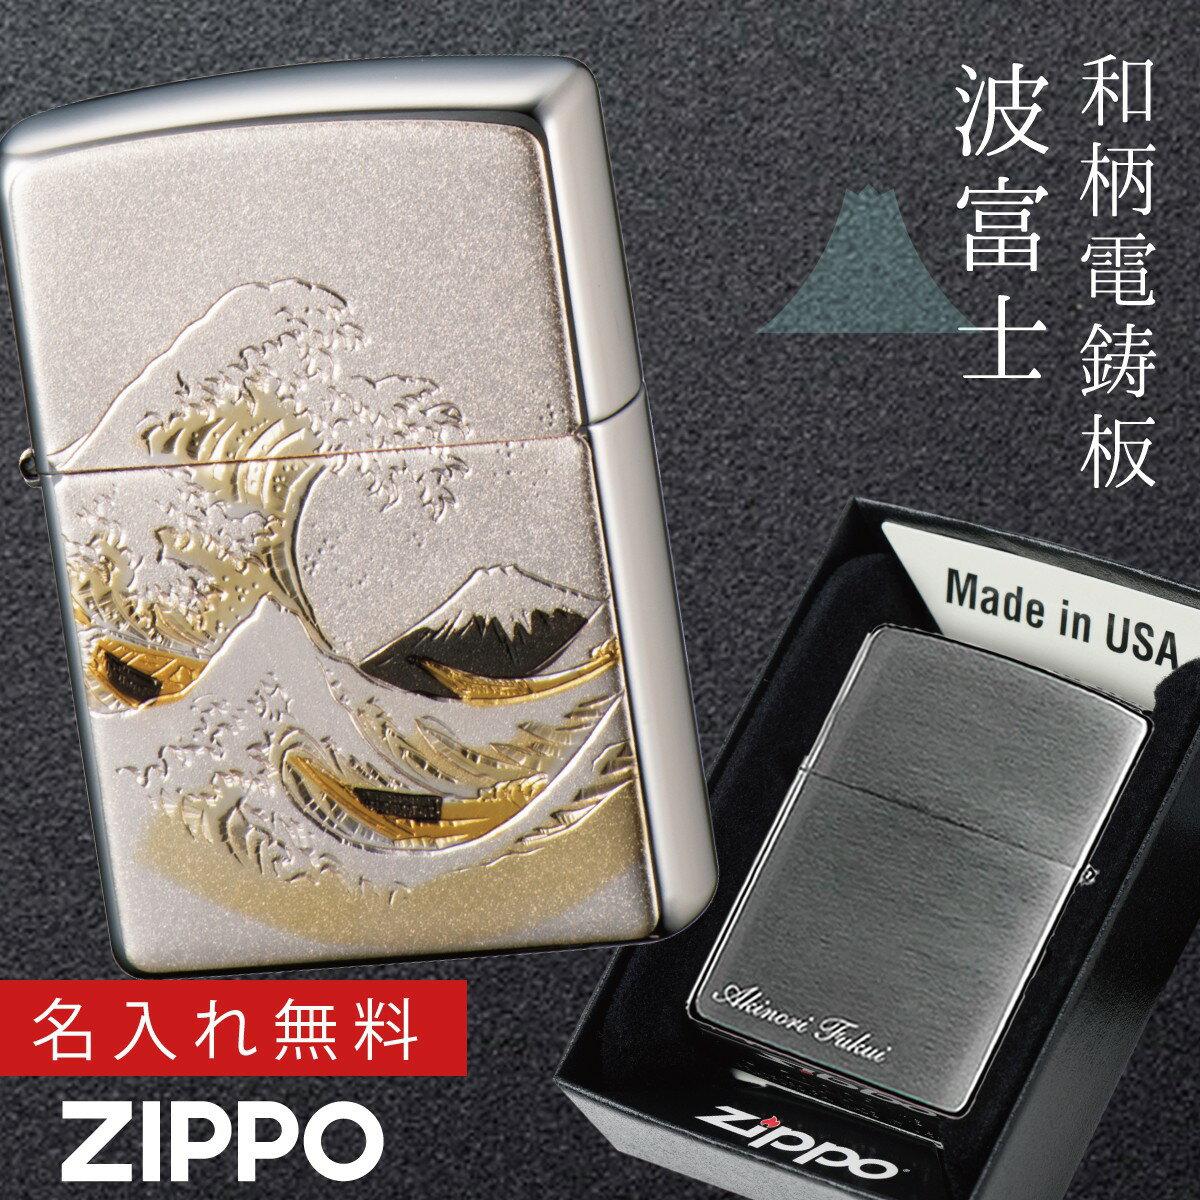 名入れ ネーム 対応 zippo 名入れ ジッポー ライター 和柄 日本のお土産 ZP 電鋳板 波富士 名入れ ギフト ギフト プレゼント 贈り物 返品不可 オイルライター ジッポライター 彼氏 男性 メンズ 喫煙具